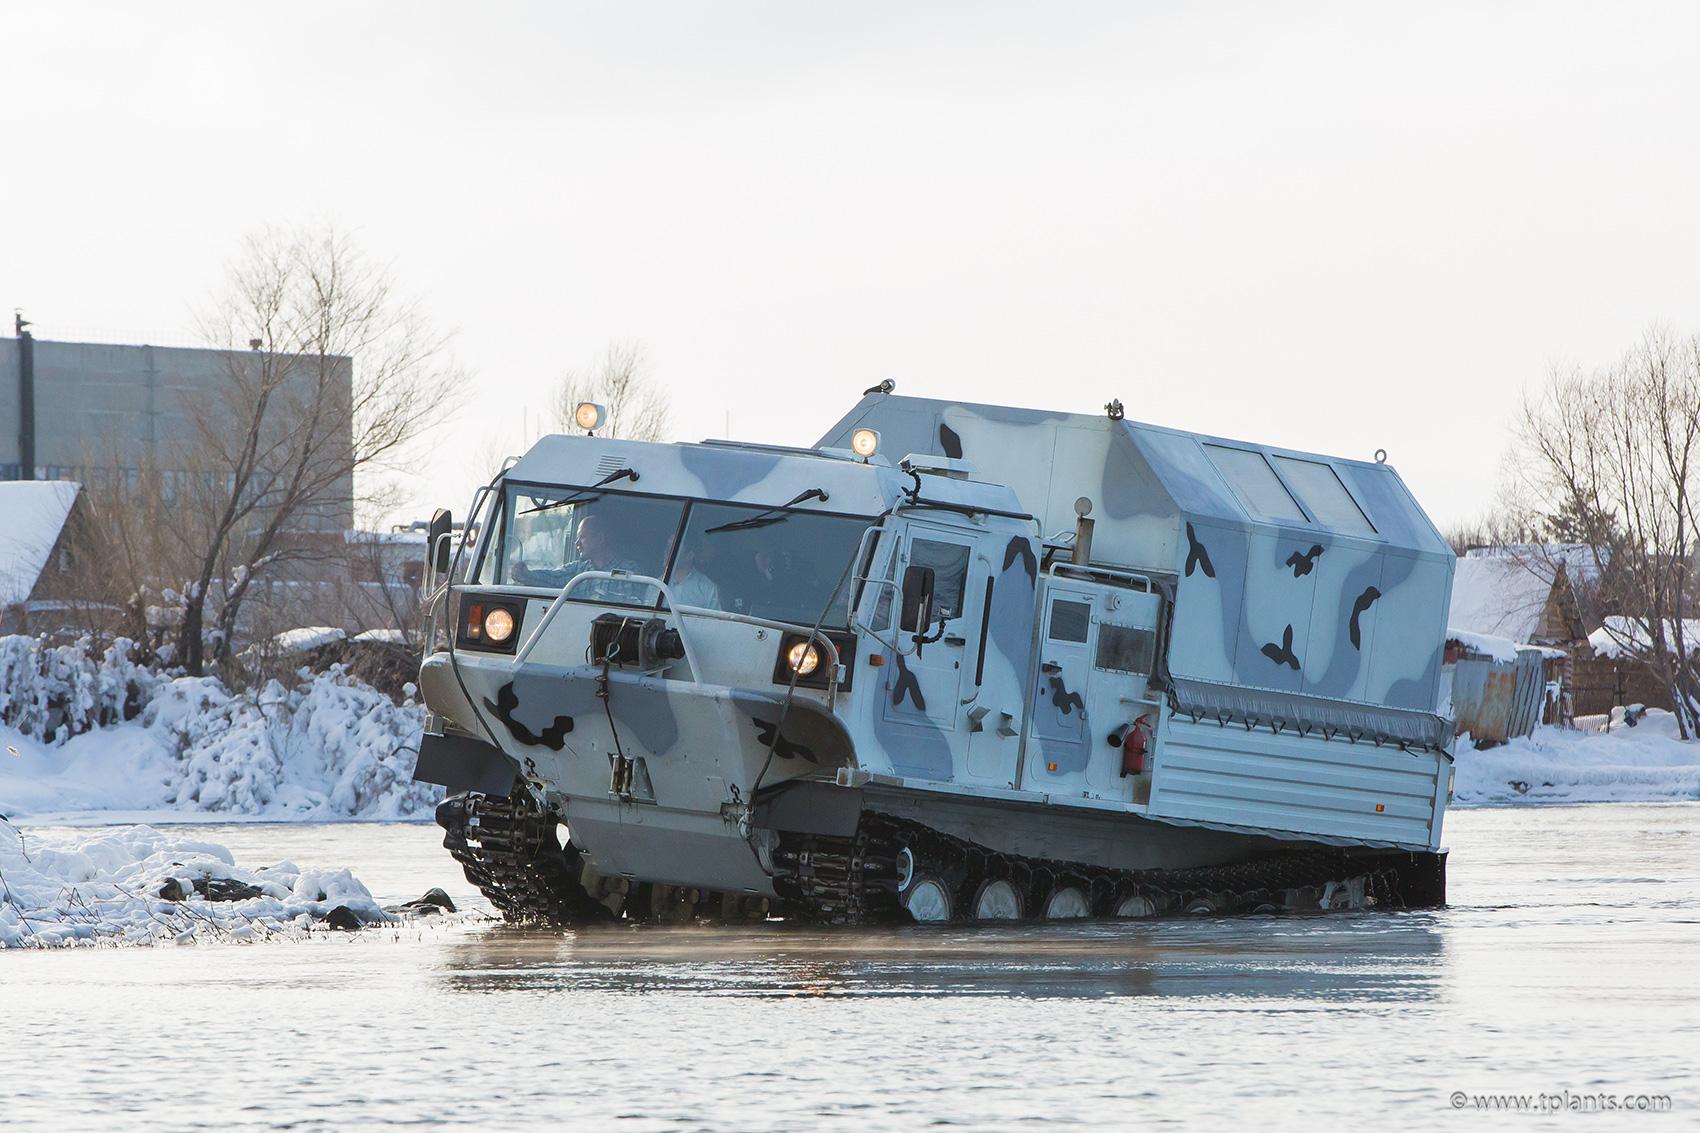 Плавающий гусеничный вездеход ТМ-140 производства Курганмашзавода.